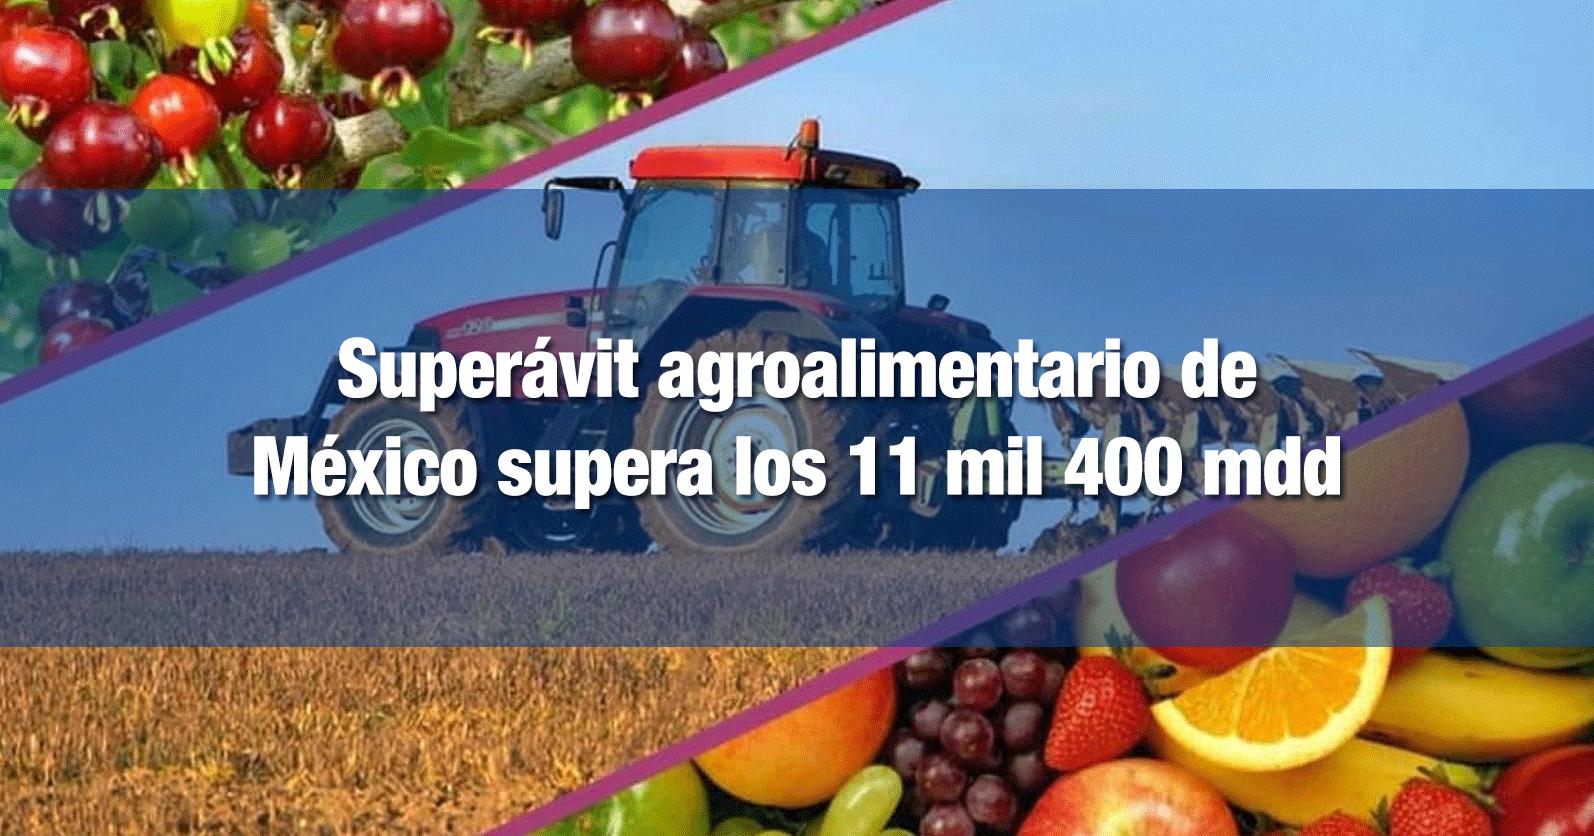 Superávit agroalimentario de México supera los 11 mil 400 mdd